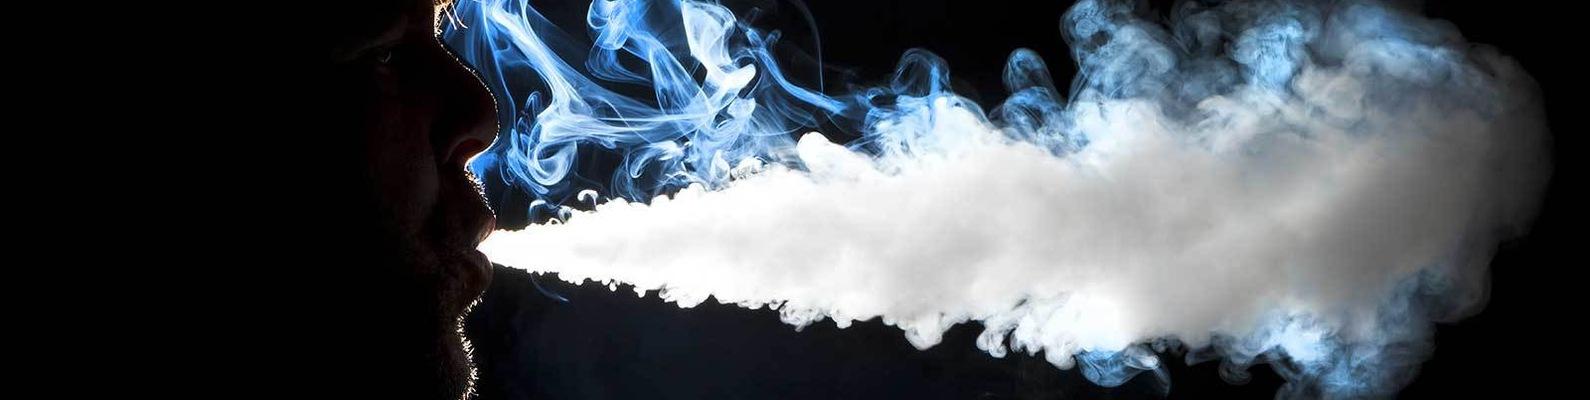 Электронные сигареты купить гродно все виды электронных сигарет и их названия одноразовые